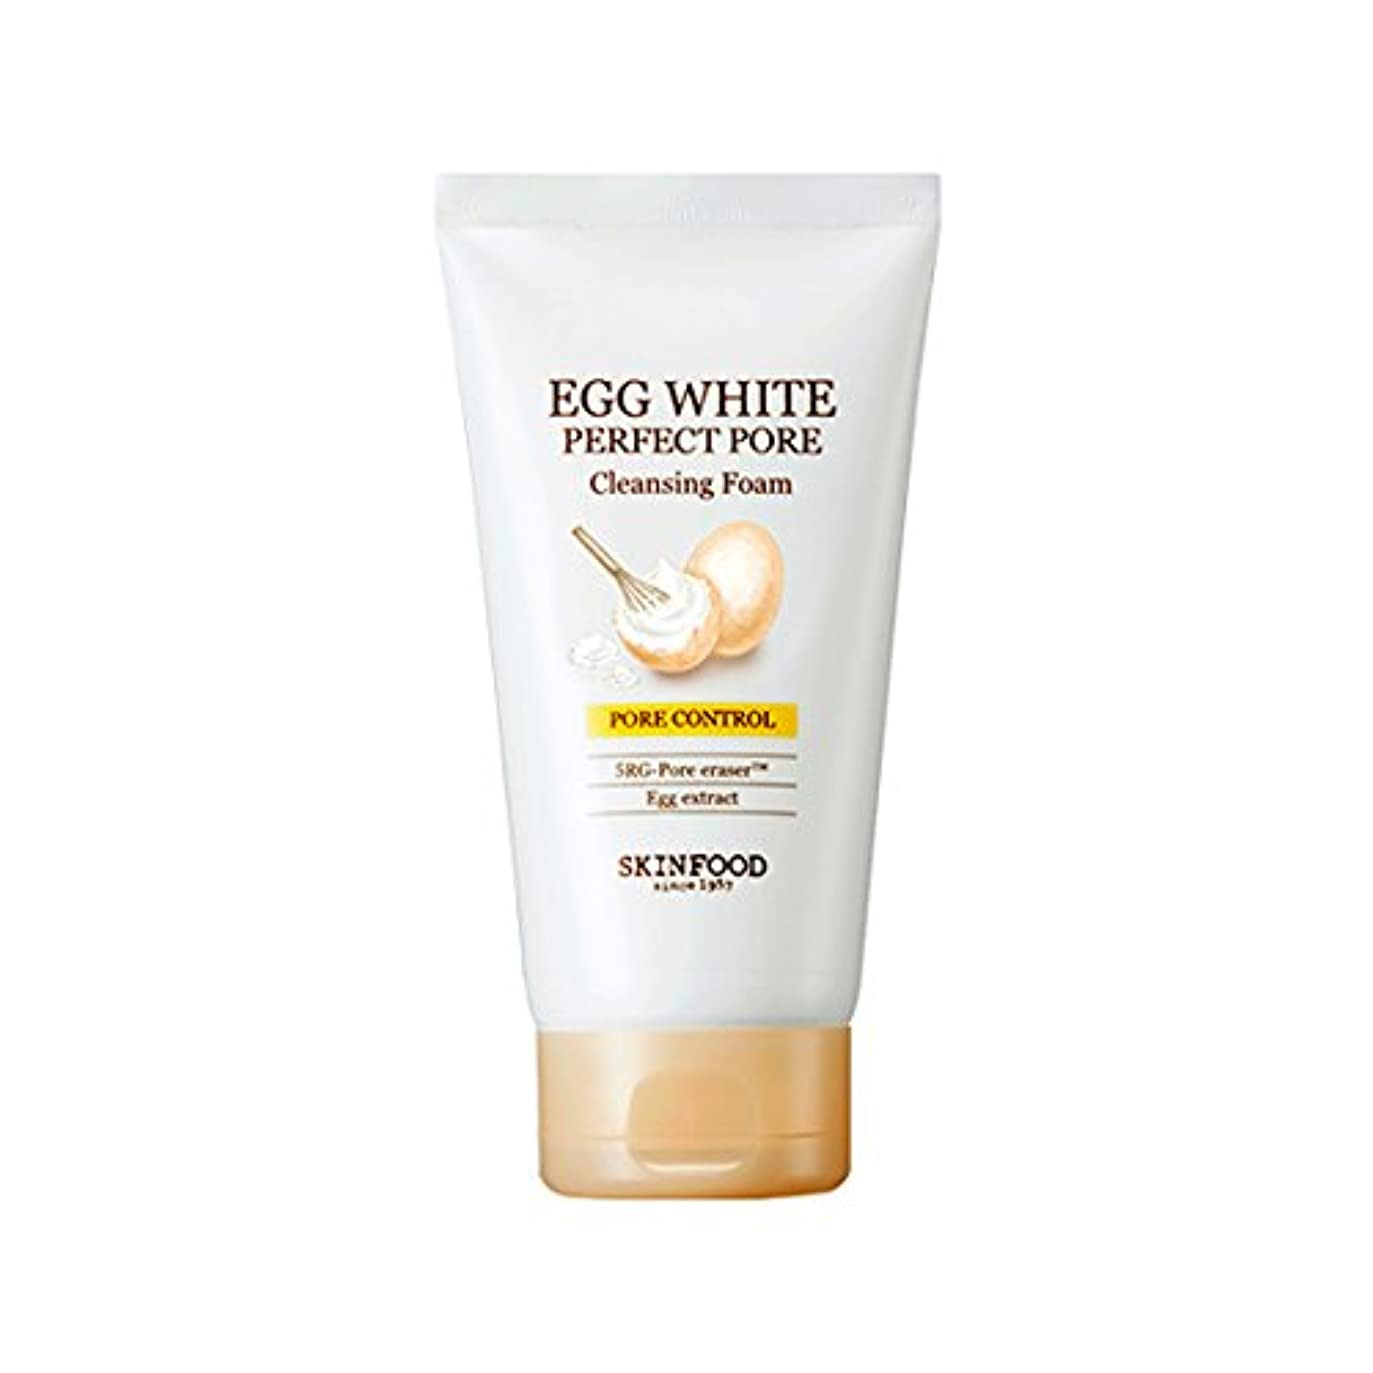 小説家神社フェンス[2017 New] SKINFOOD Egg White Perfect Pore Cleansing Foam 150ml/スキンフード エッグ ホワイト パーフェクト ポア クレンジング フォーム 150ml [並行輸入品]